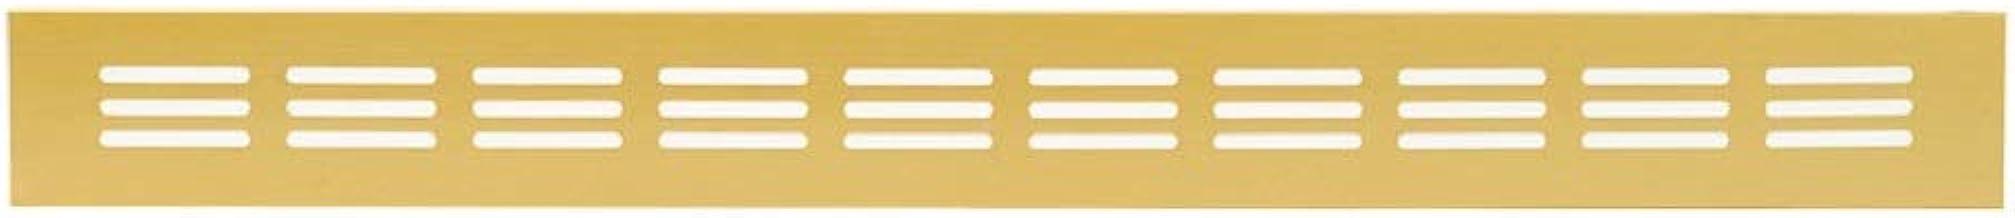 Aluminium ventilatierooster goud 40 x 300 mm brugplaat ventilatie aluminium rooster rooster meubelrooster meubelventilatie